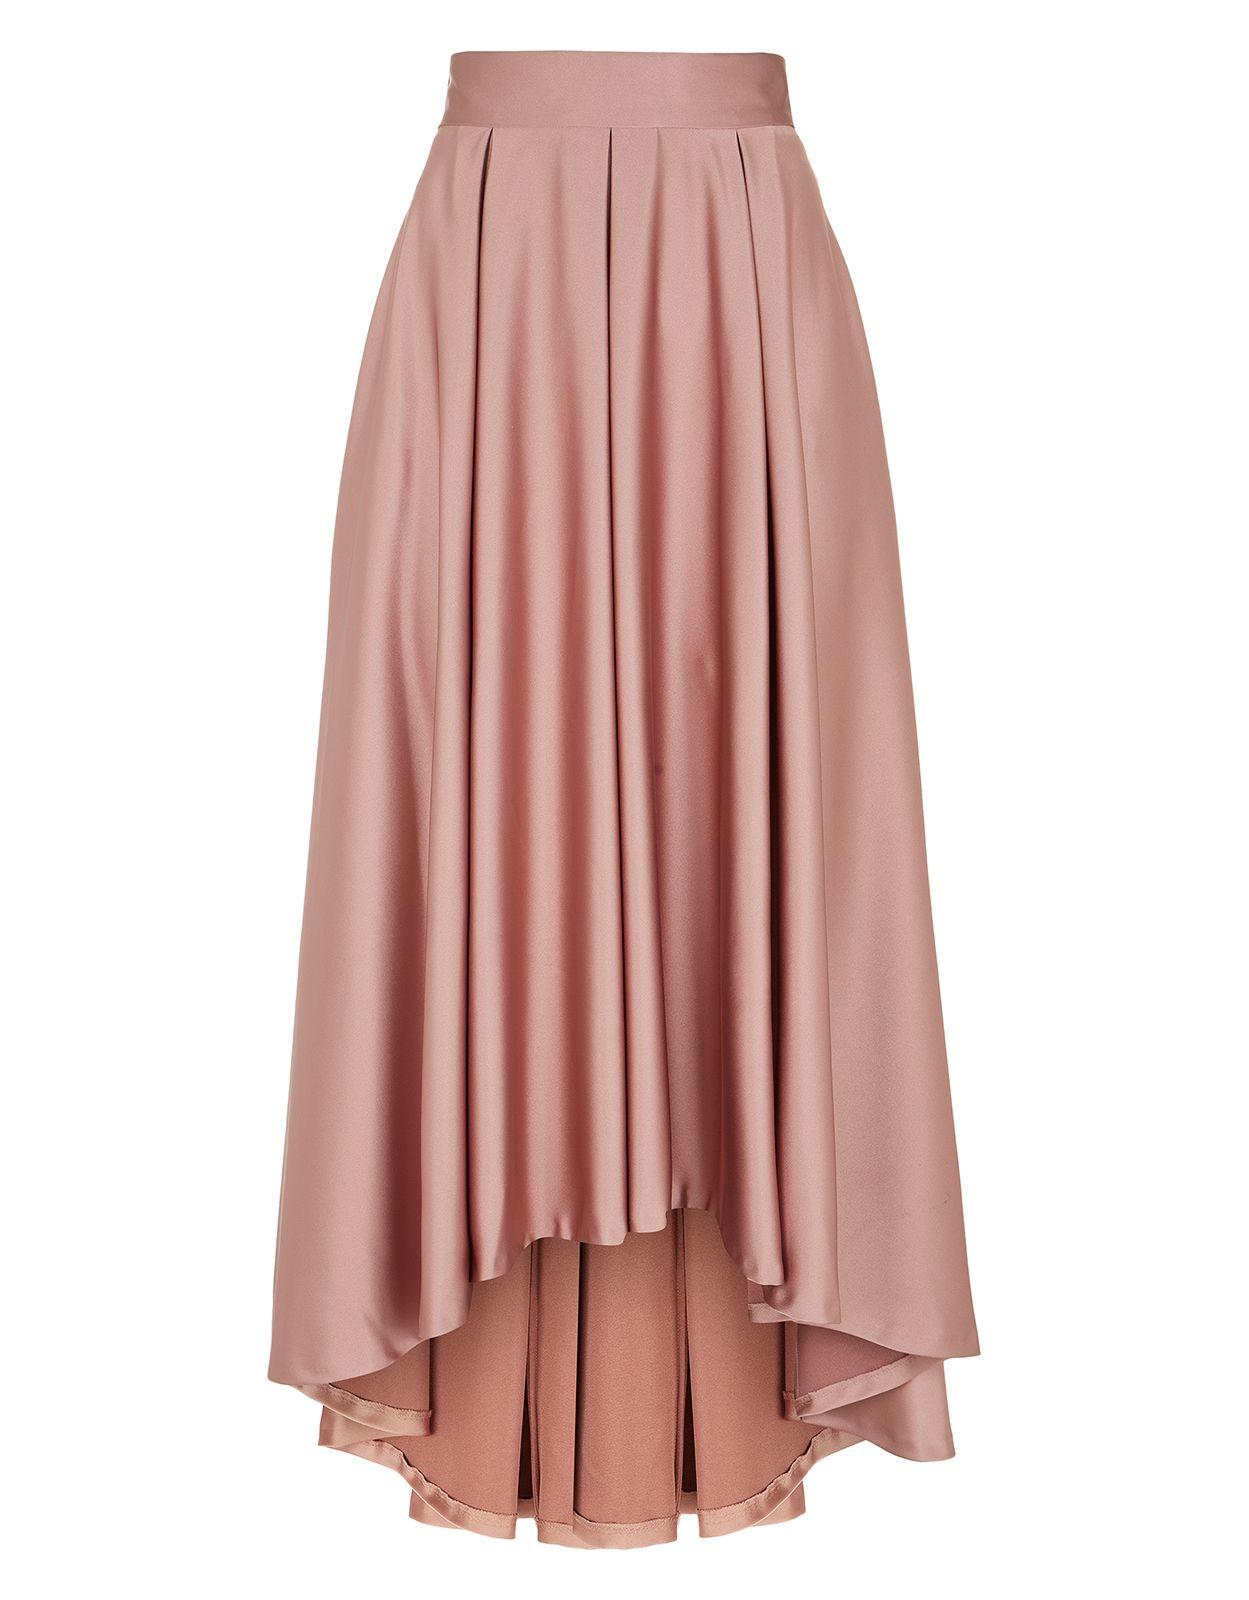 Skirts Lilly Rose Long Skirt Sz Xs Ultra Flirt Fold Over Striped Flowey Polyester Blen Women's Clothing